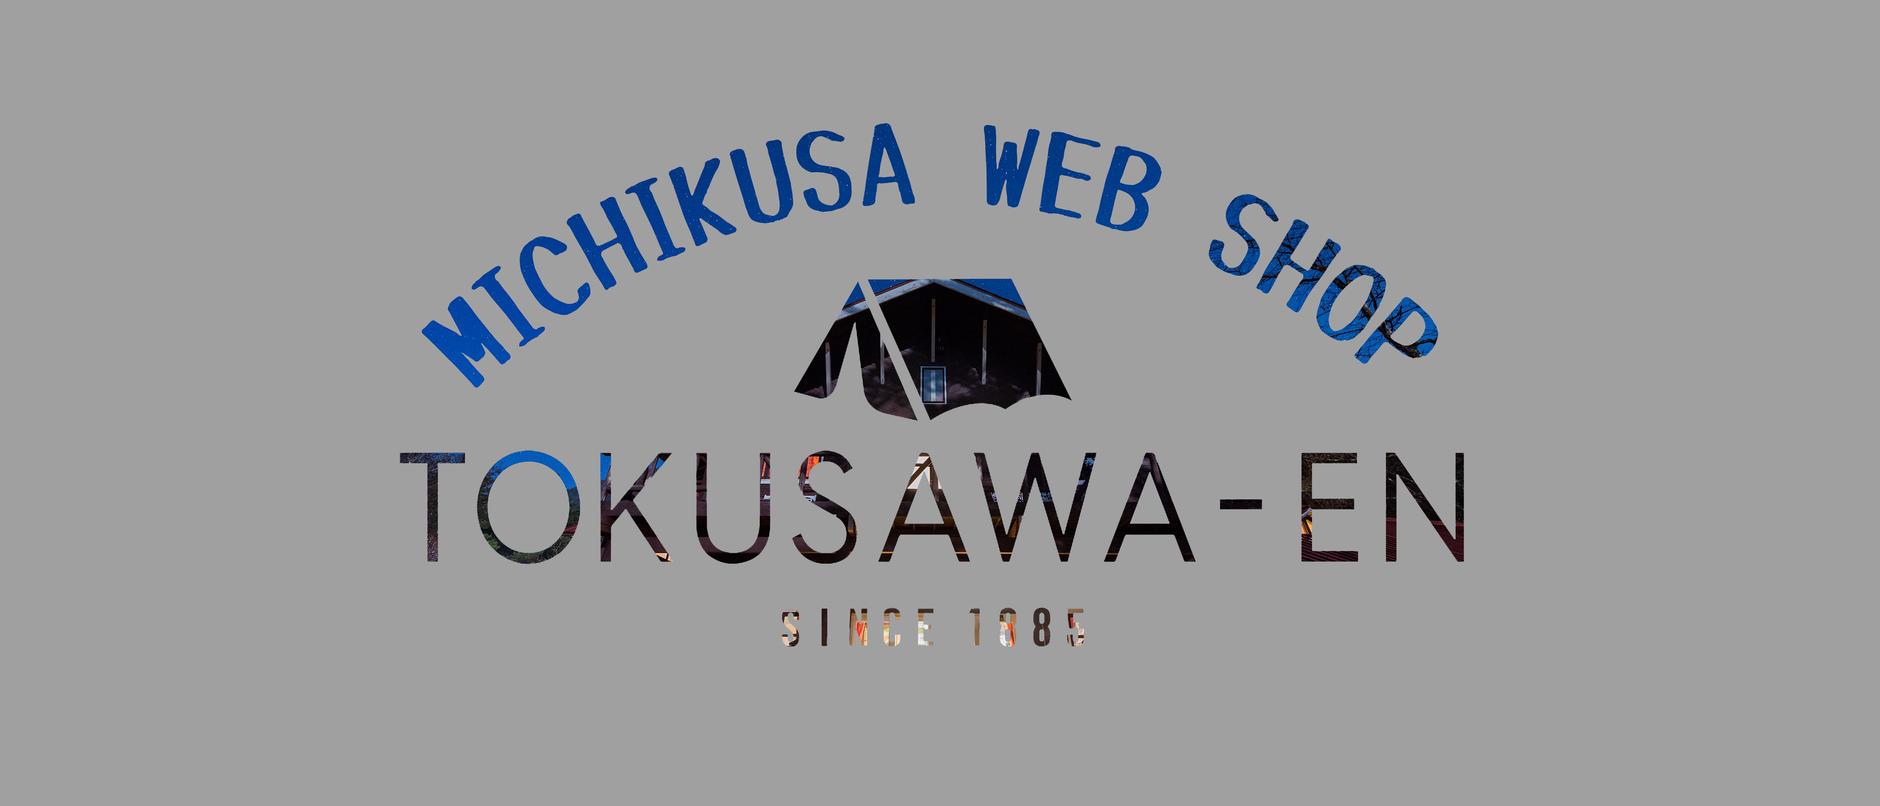 MICHIKUSA WEB SHOP